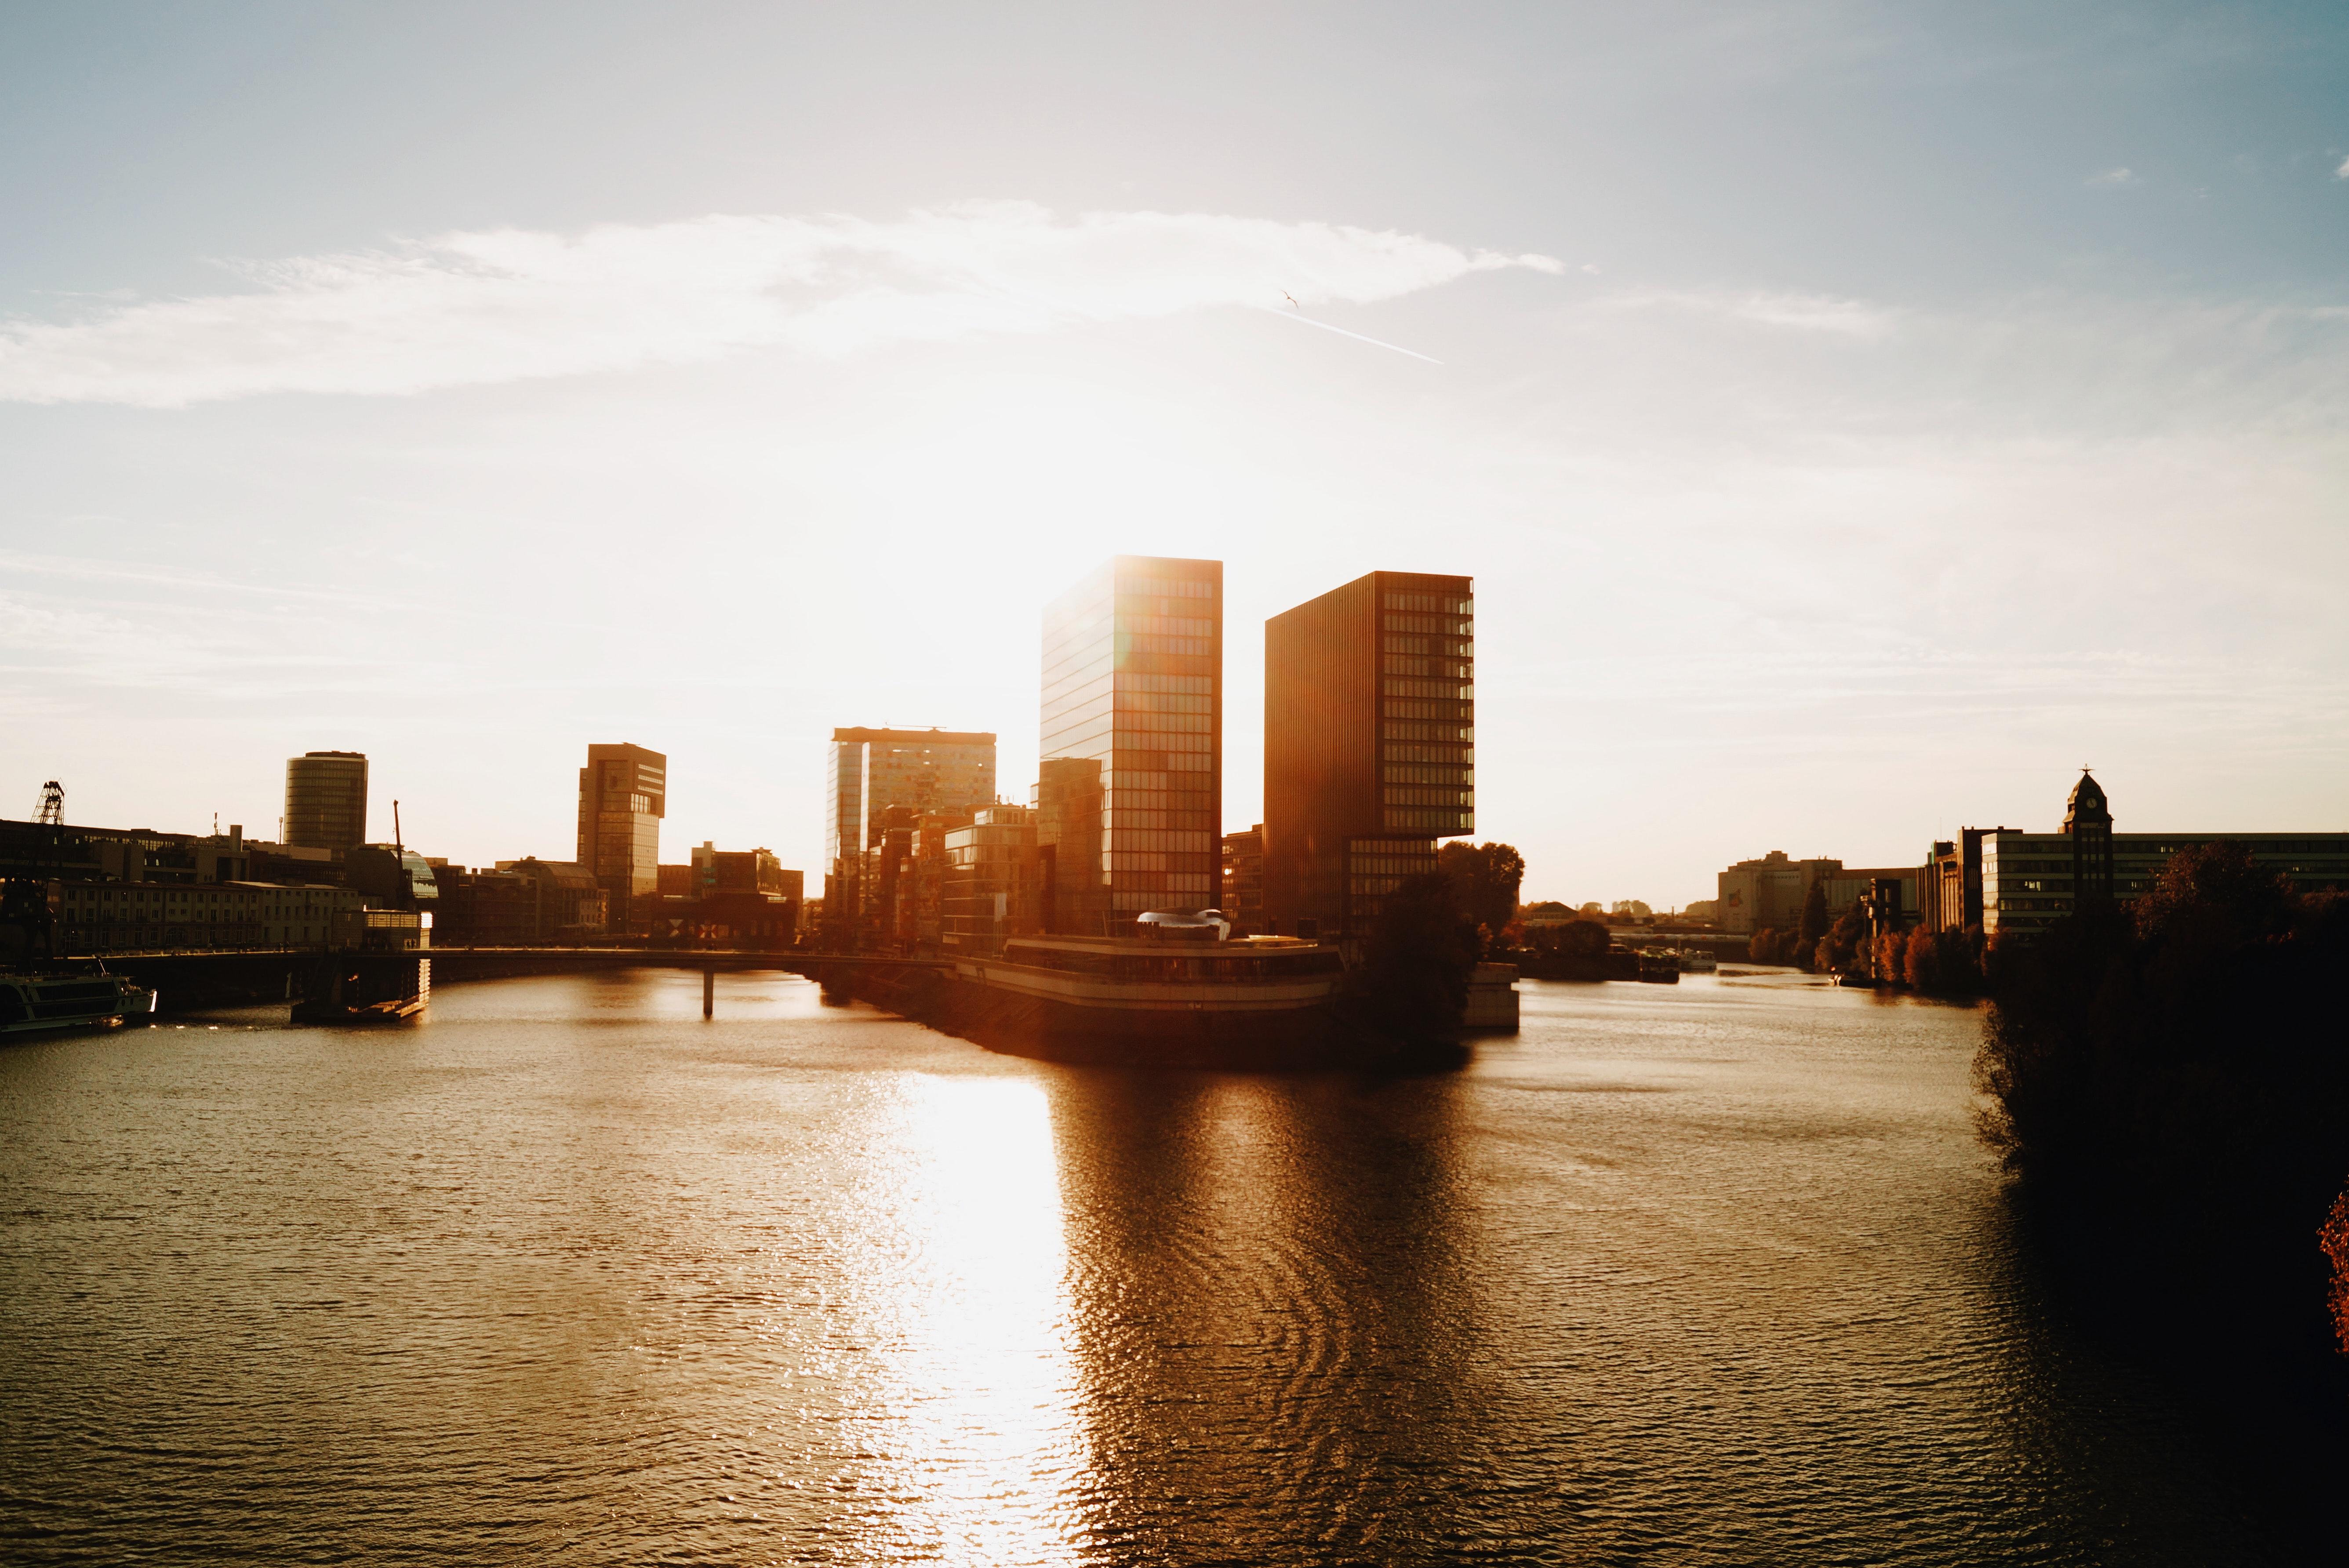 Immobilien Ankaufsprofil Düsseldorf: Unsere Immobilieninvestoren kaufen an